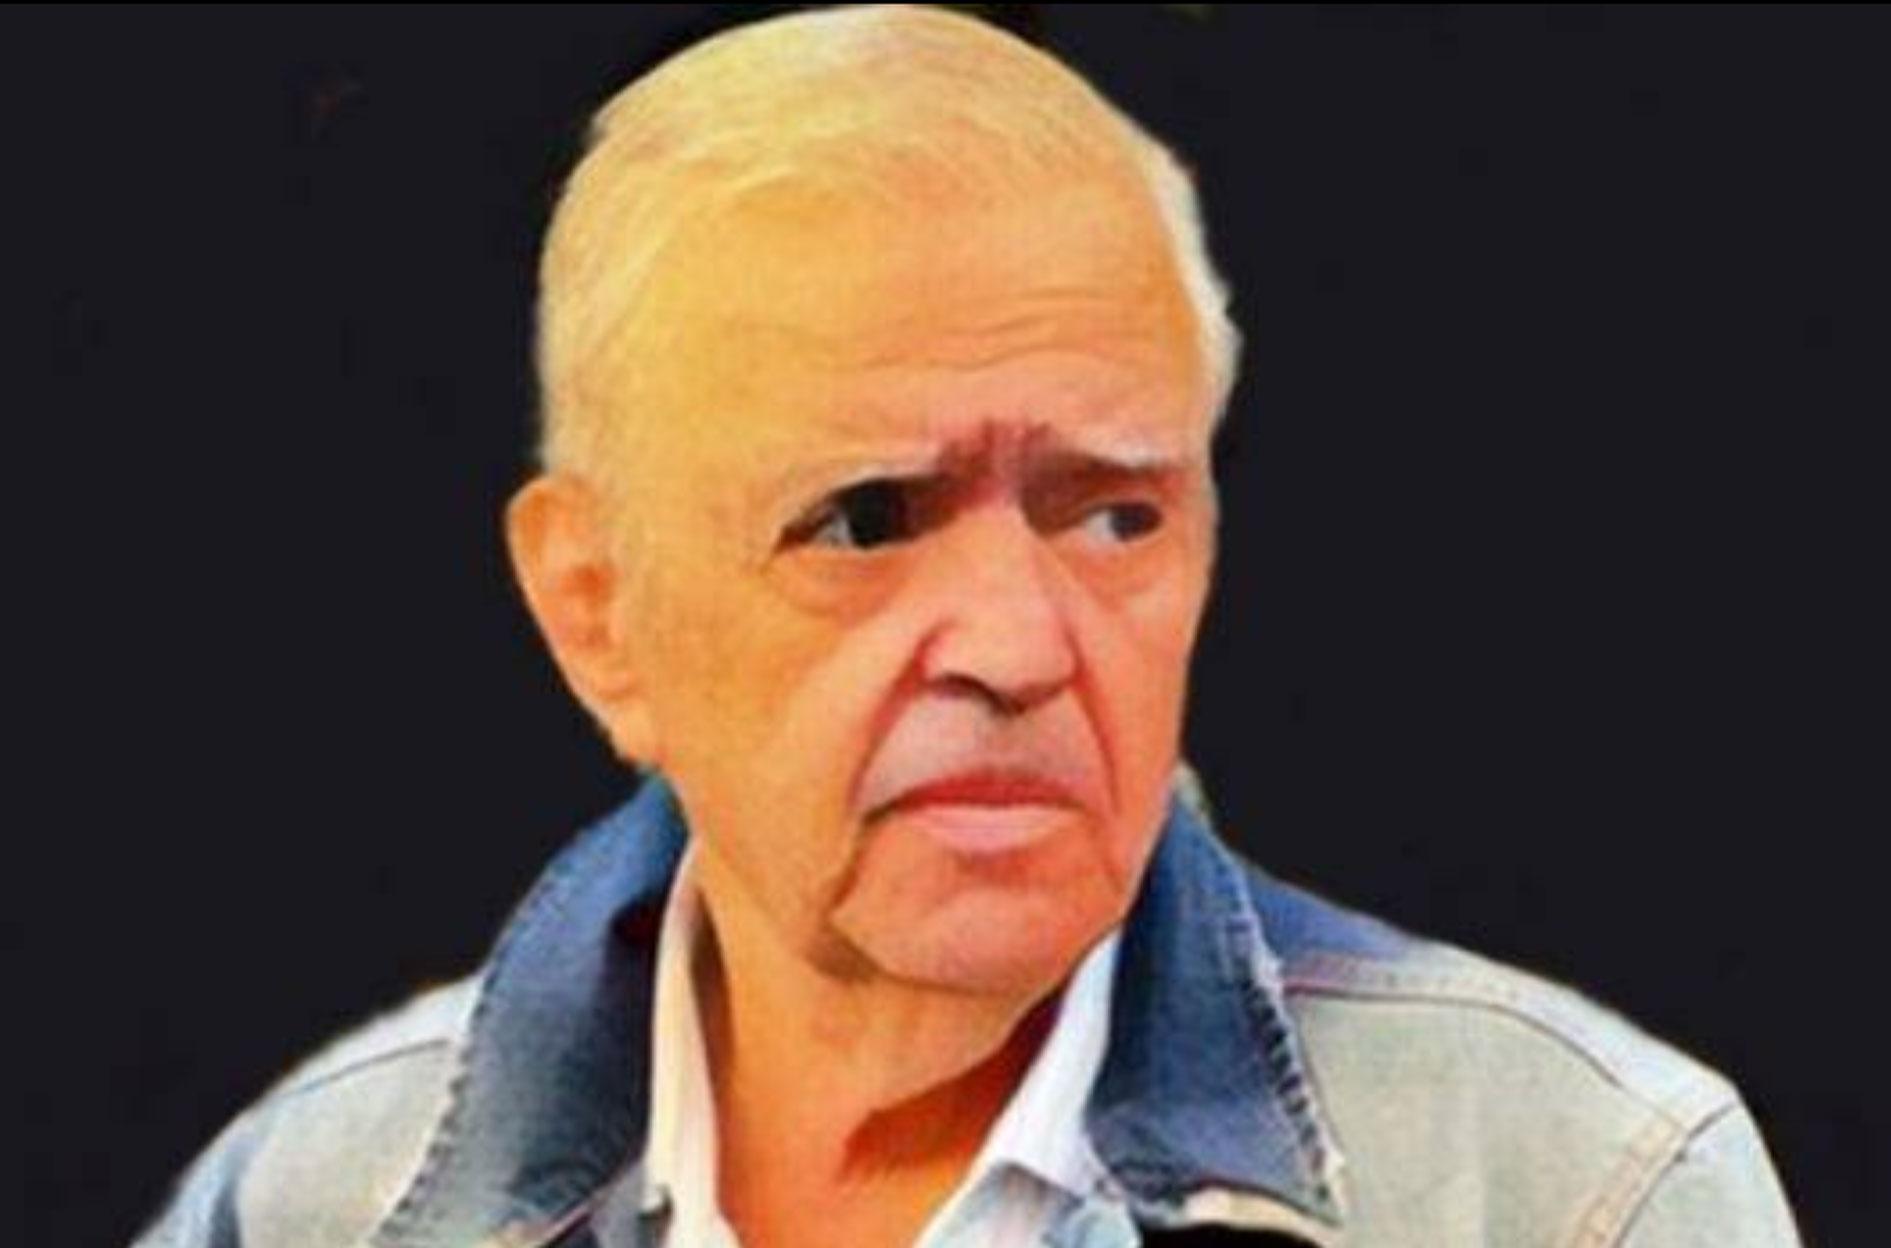 Πέθανε ο σκηνοθέτης Σταύρος Τσιώλης